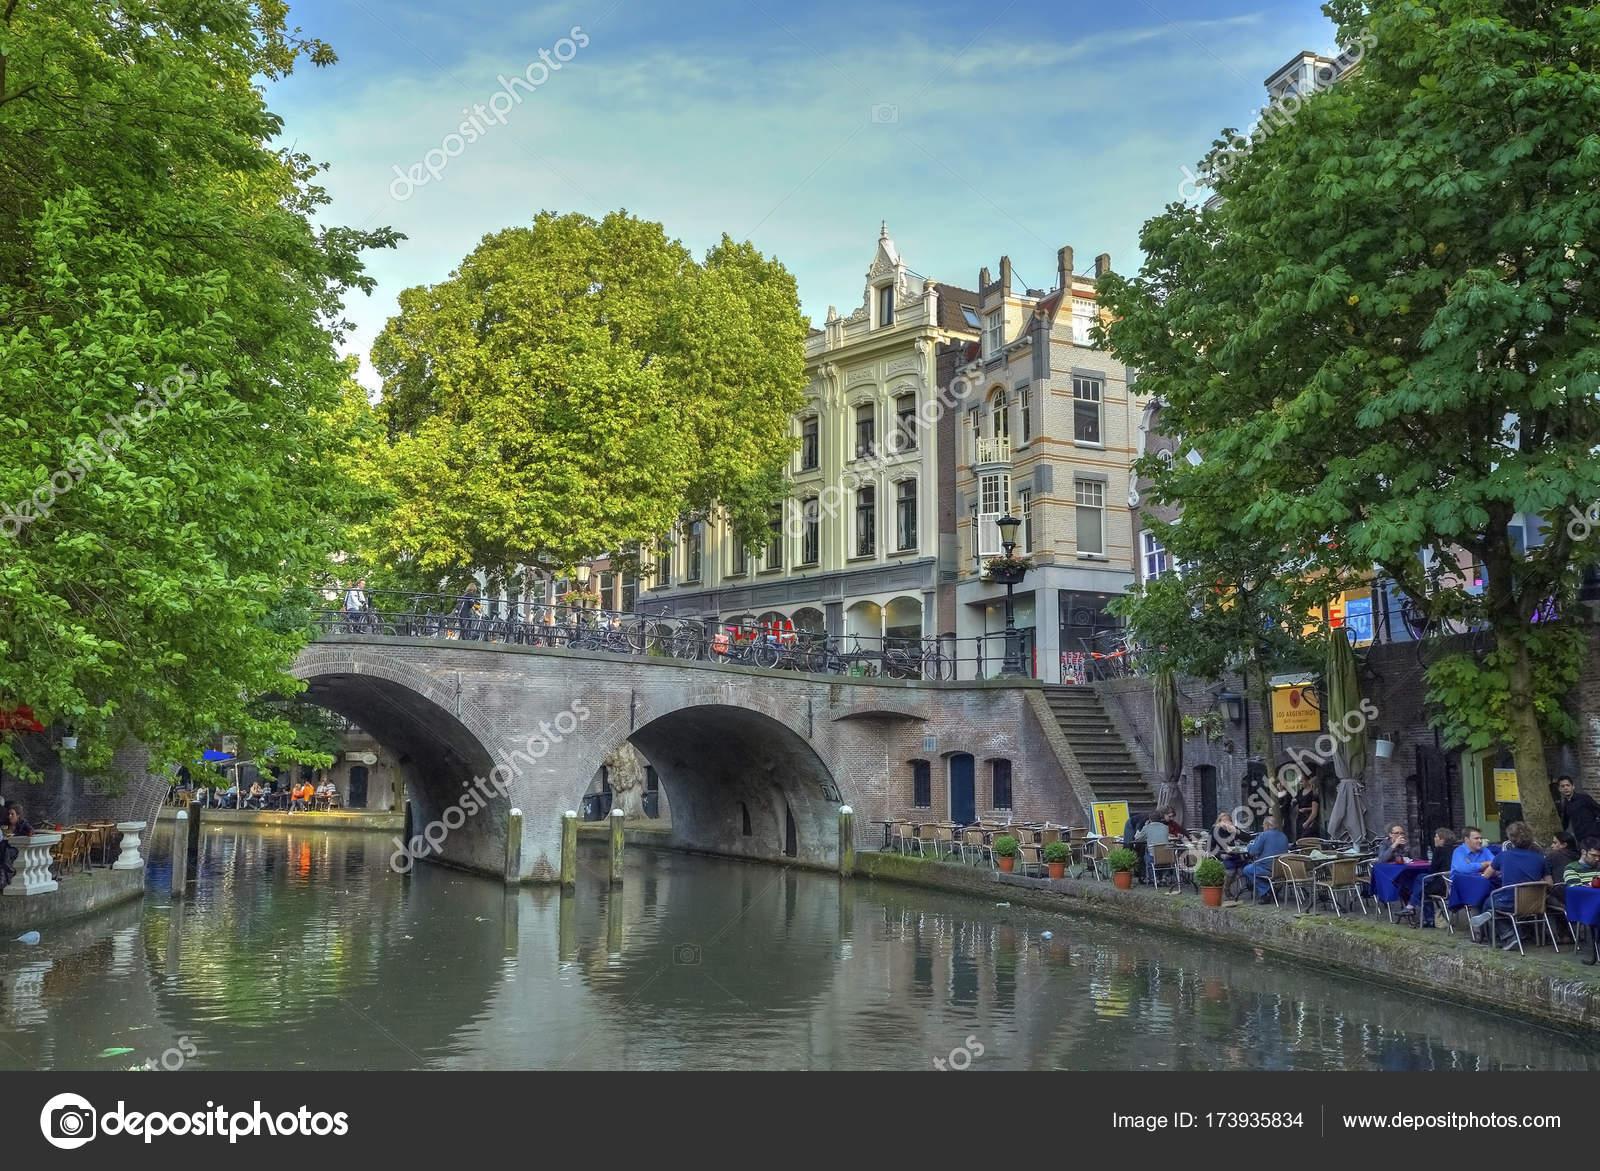 夏観ヨーロッパの古い古典的な建物住宅市水チャネル レンガの橋と野外レストランとカフェ ツアー休暇ヨーロッパ建築の人々 のユトレヒト、オランダ、2017  年 6 月 14